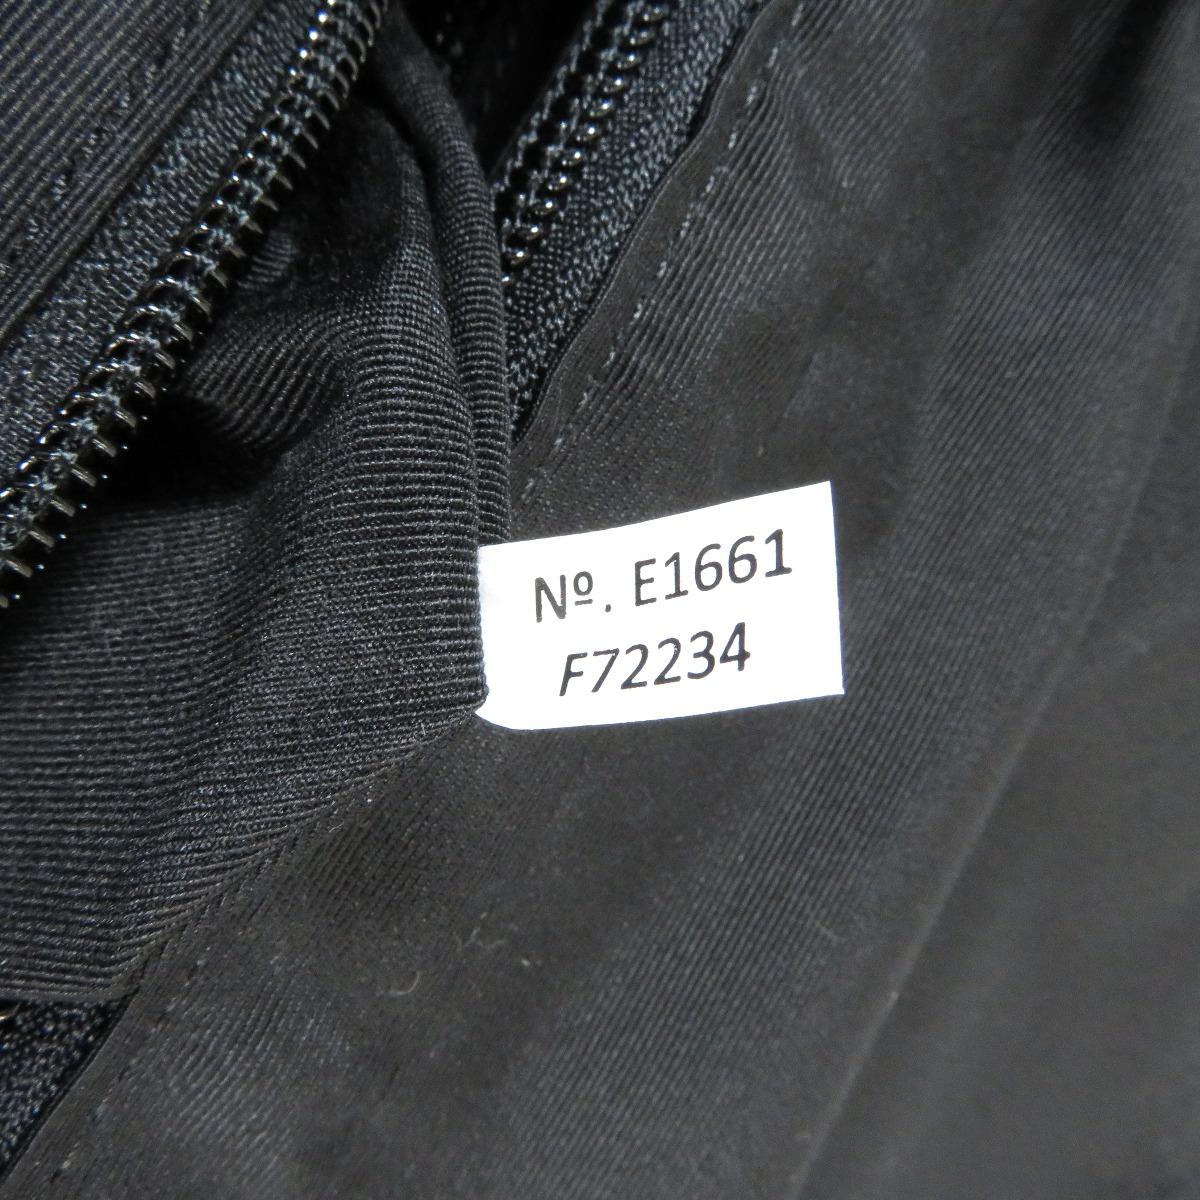 教练 F72234 挎包尼龙材料 / 皮革女性